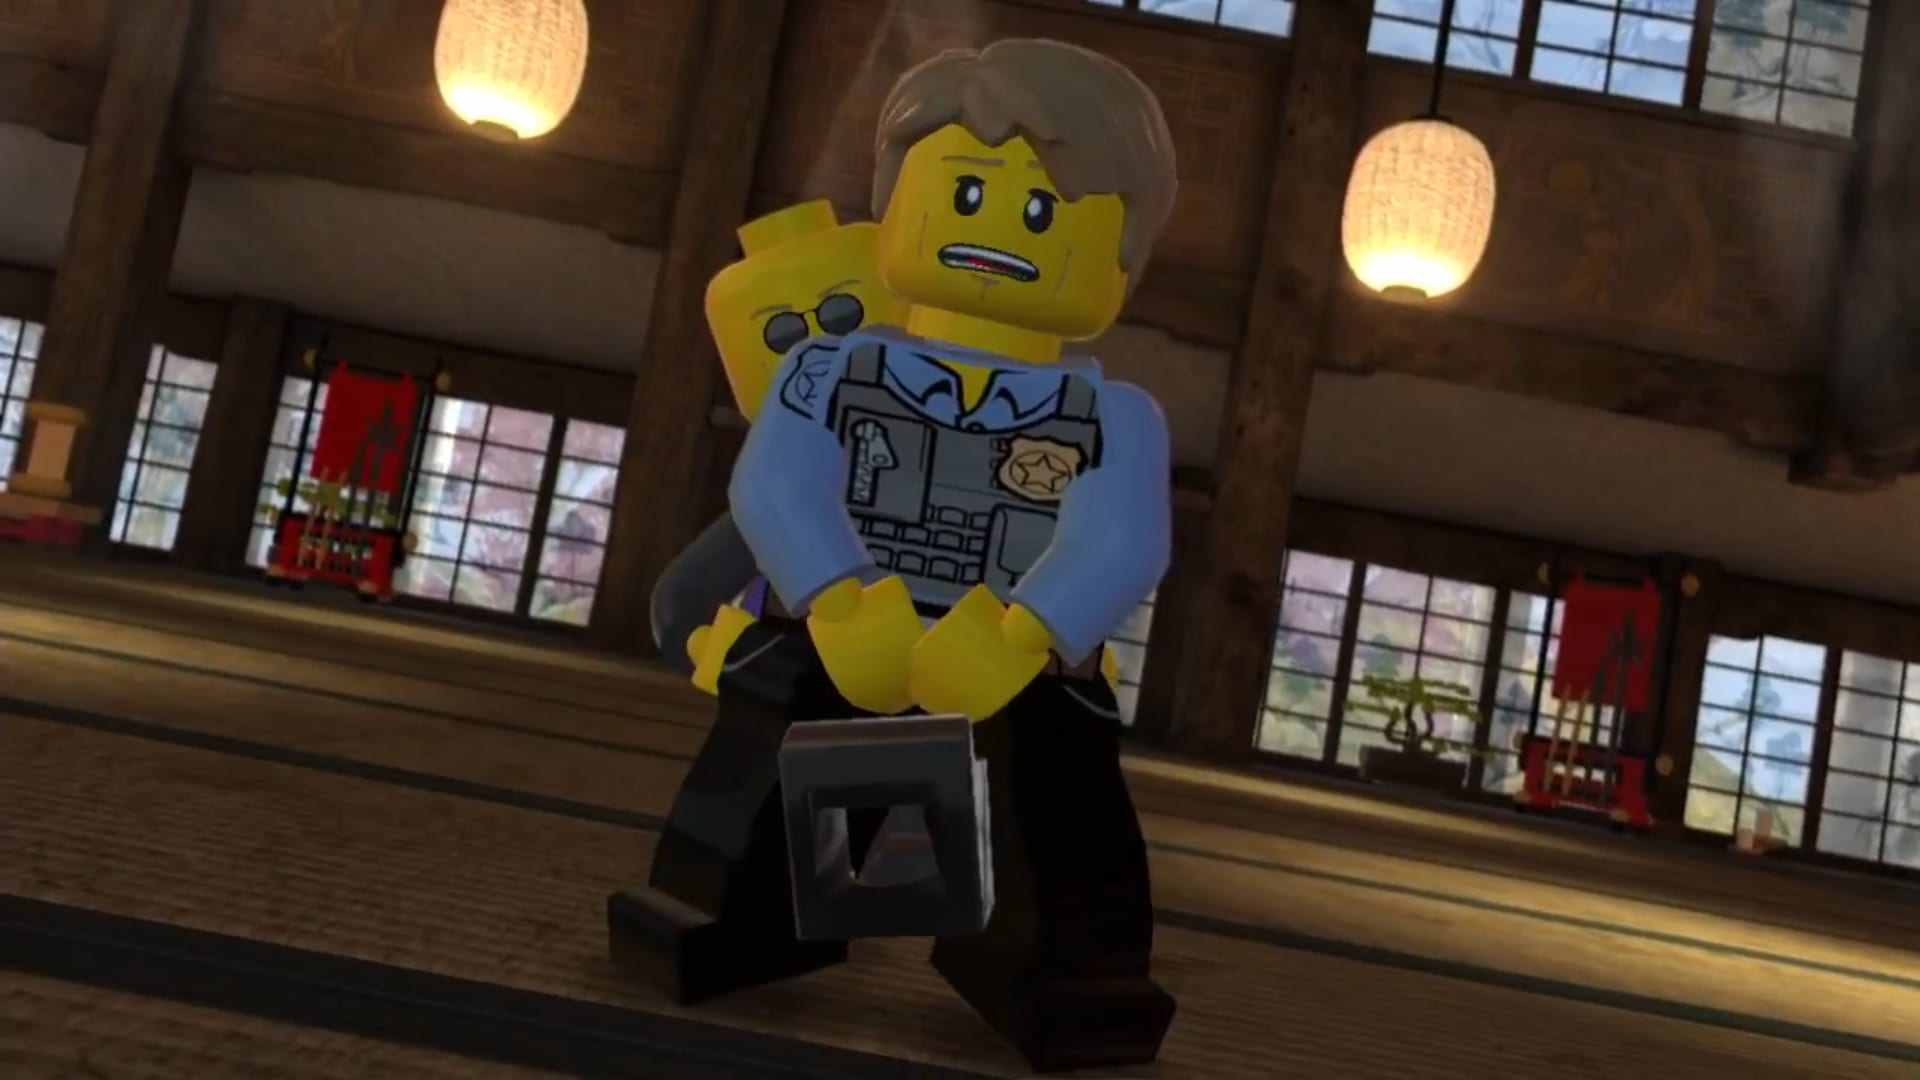 http://gameluster.com/wp-content/uploads/2014/03/LEGO-City-Undercover.jpg